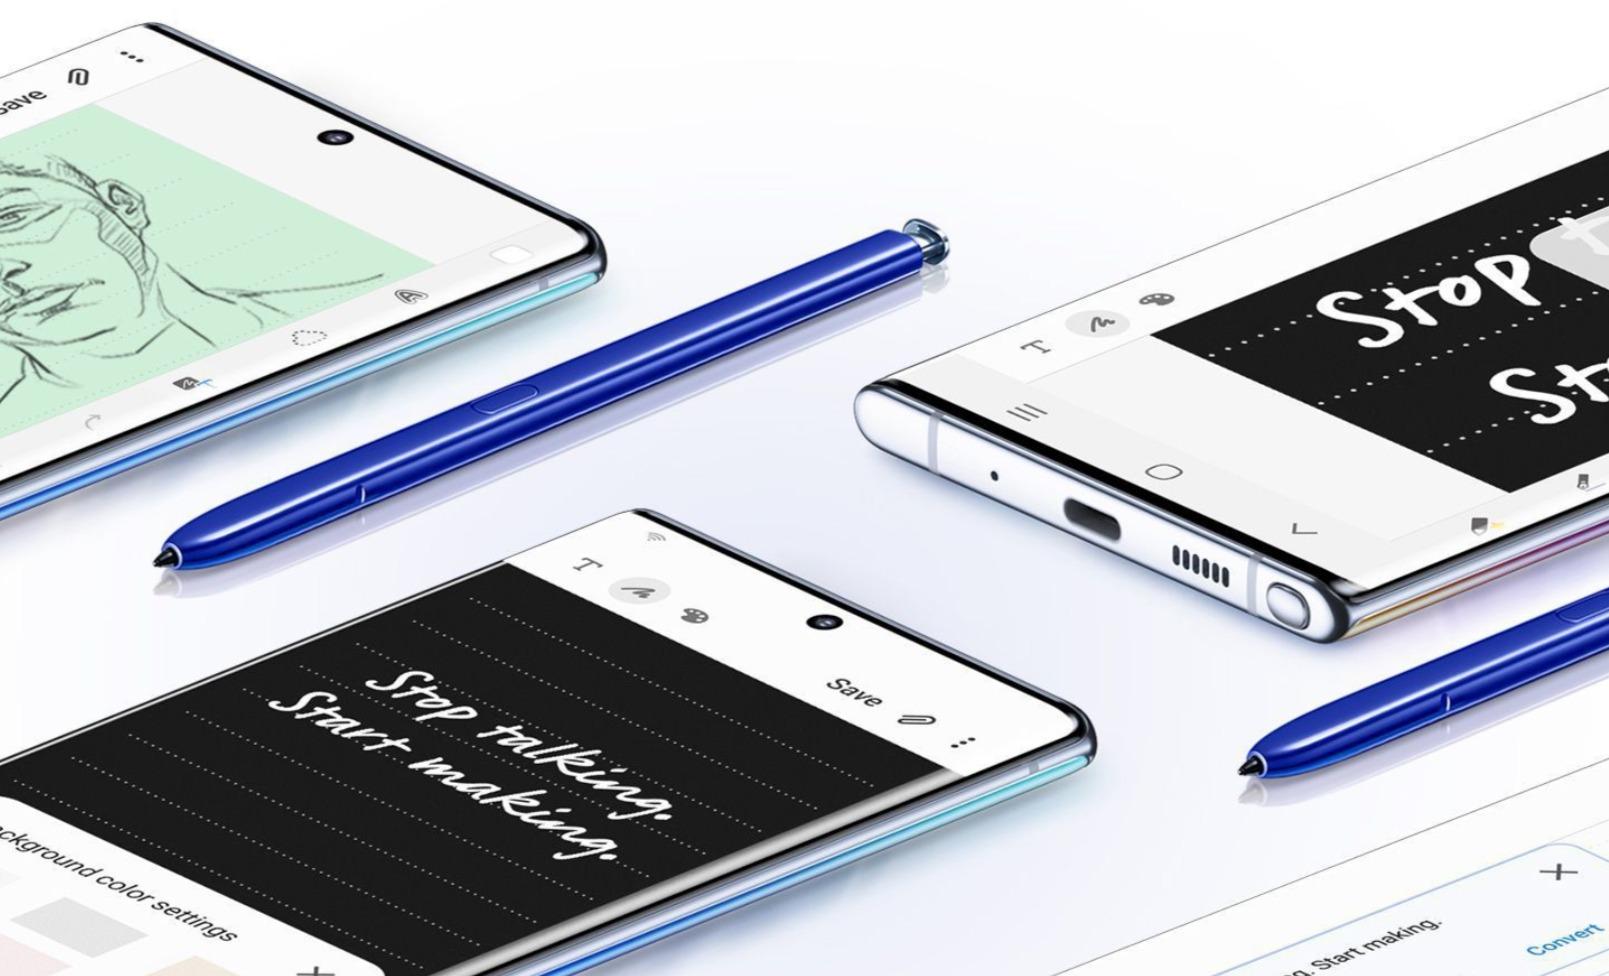 10 Jahre Galaxy: Samsung verkauft Premium-Paket zum Jubiläum